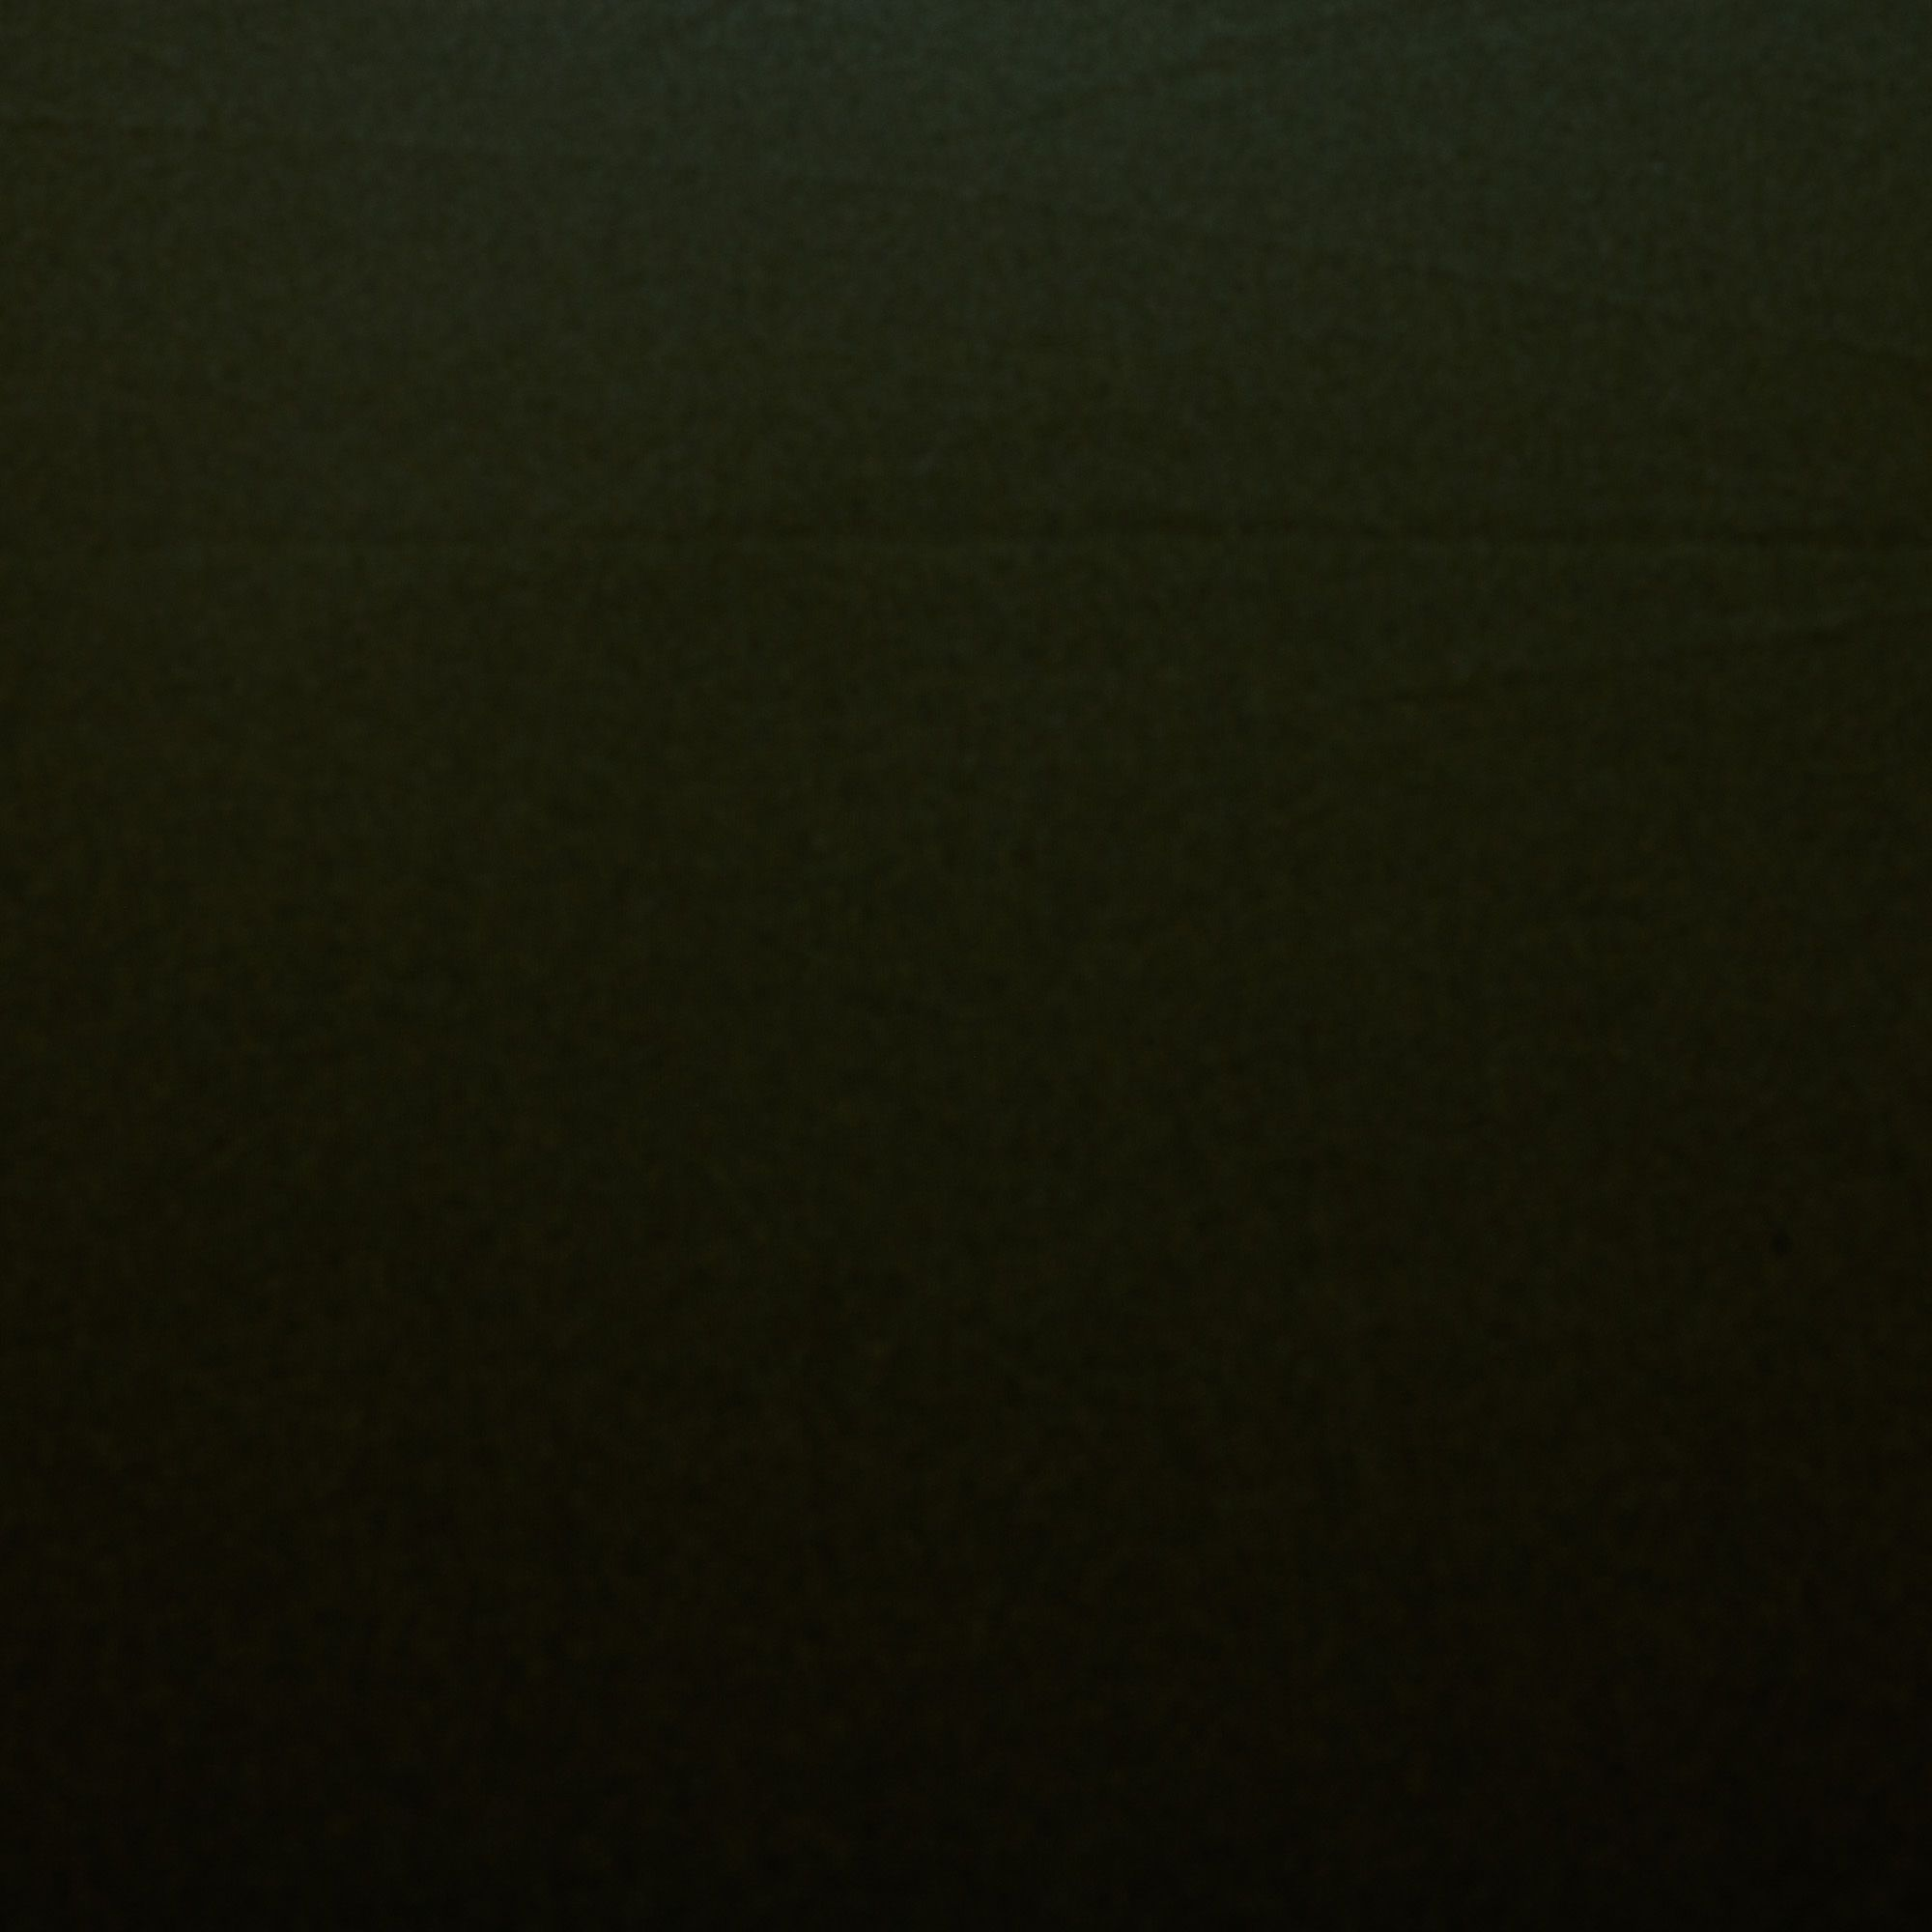 Tecido Oxford Liso 100% Poliester 1,50 m Largura Verde Musgo